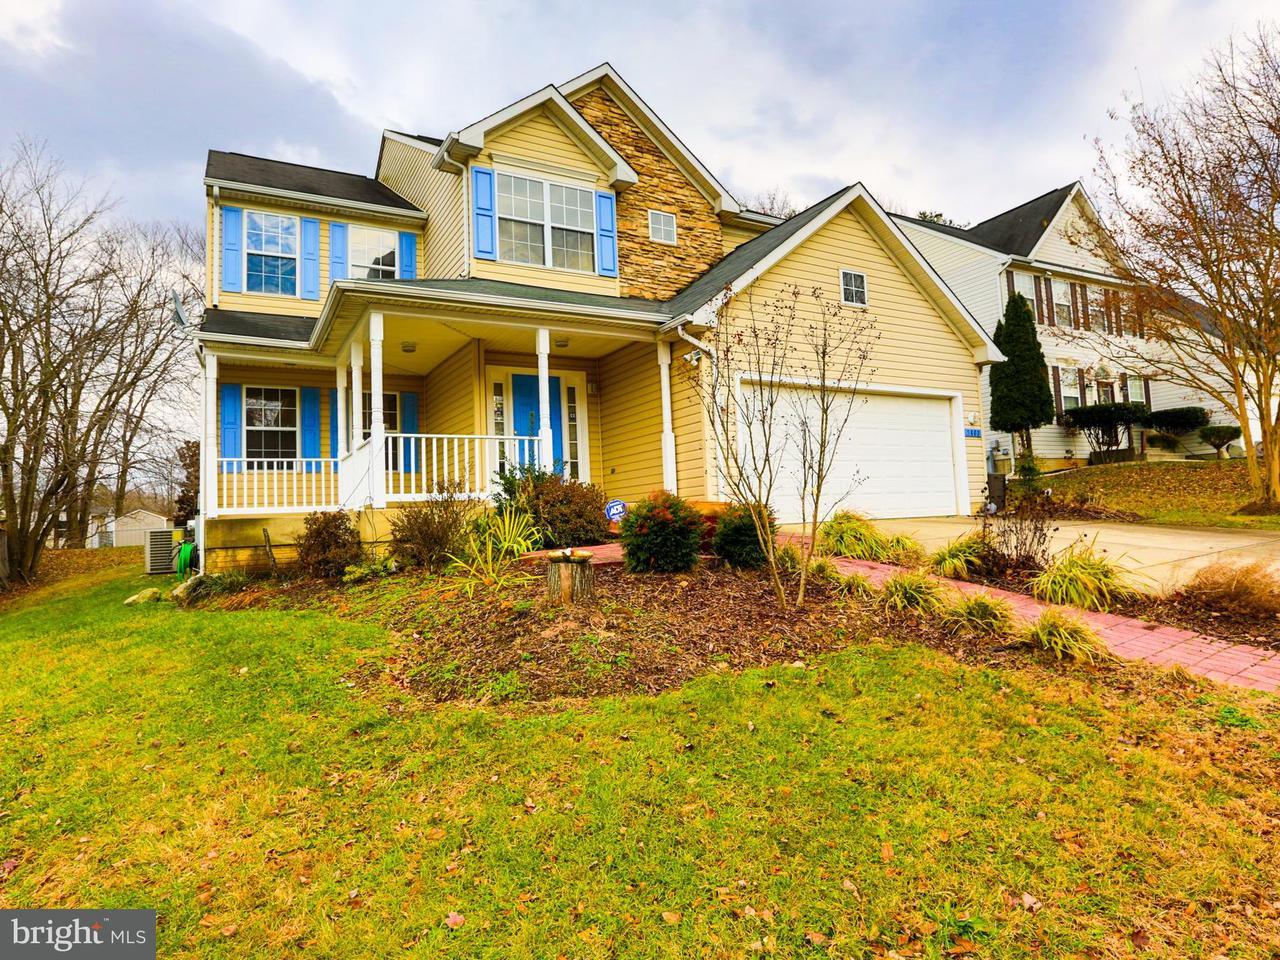 Μονοκατοικία για την Πώληση στο 3403 Manderes Place 3403 Manderes Place Springdale, Μεριλαντ 20774 Ηνωμενεσ Πολιτειεσ